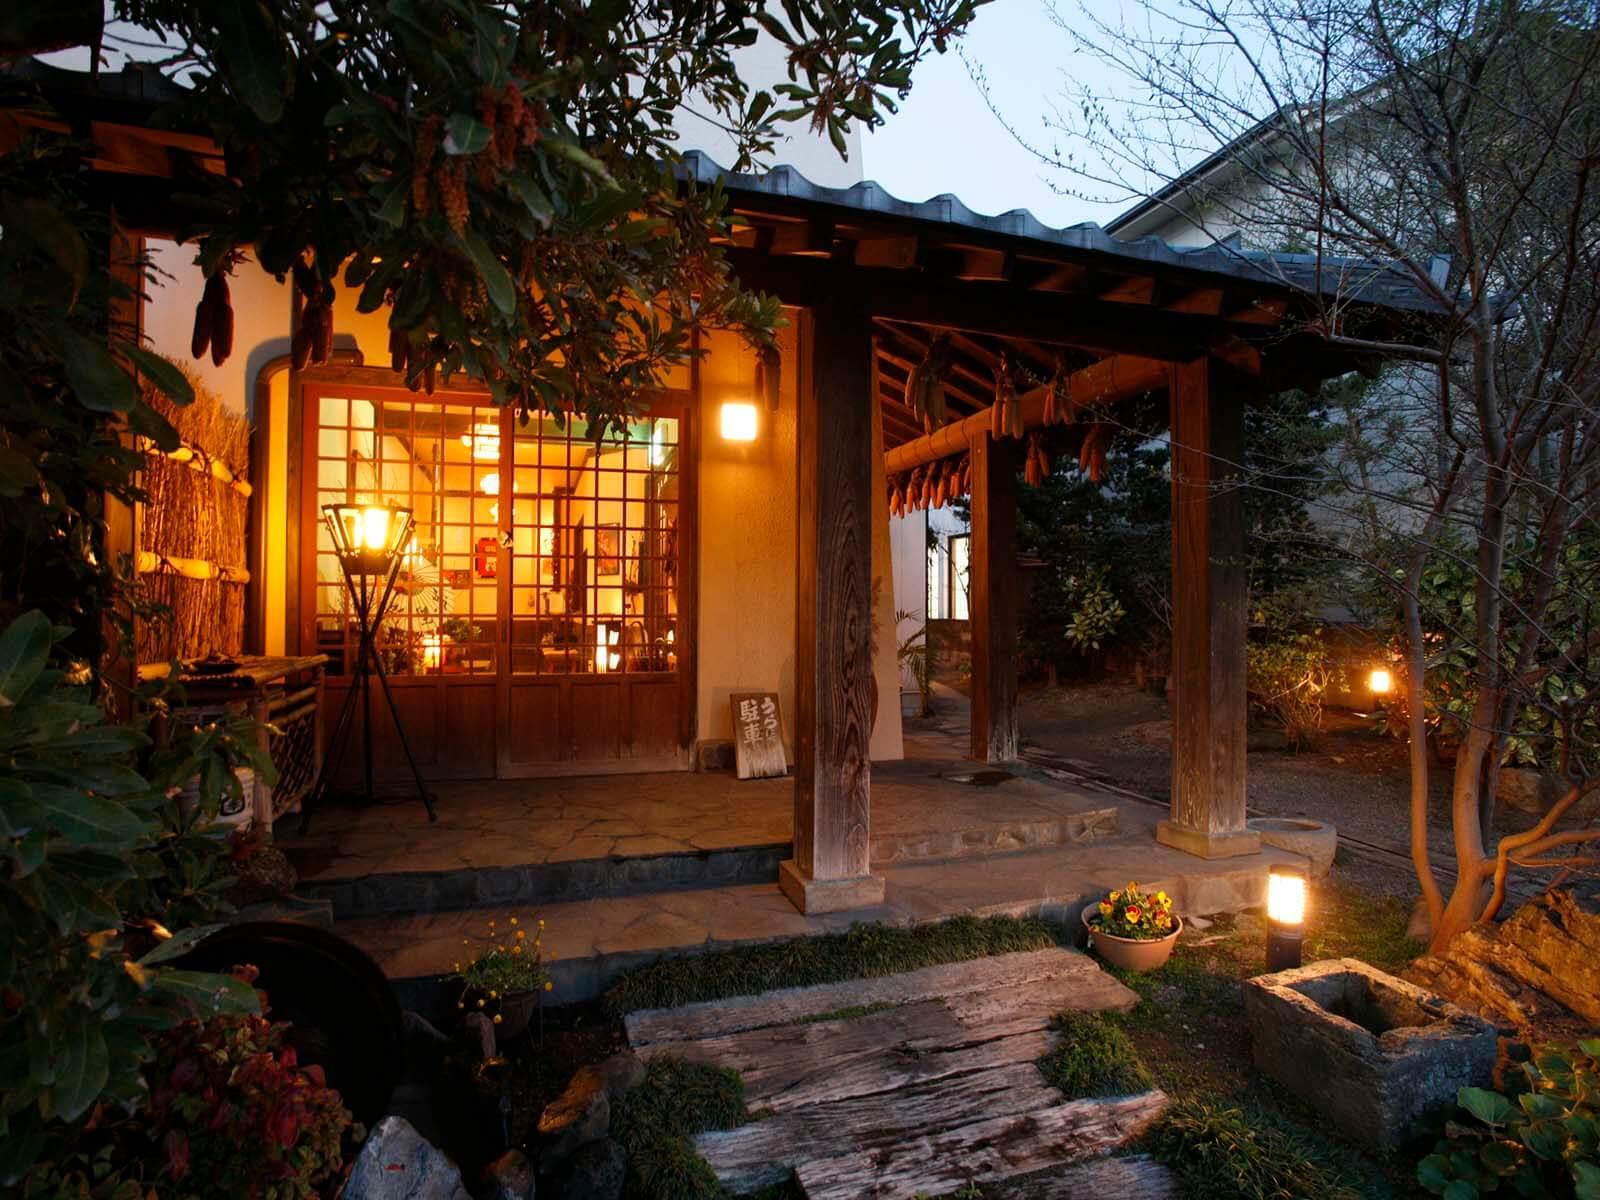 山鹿・平山で夫婦向けが自慢の温泉旅館